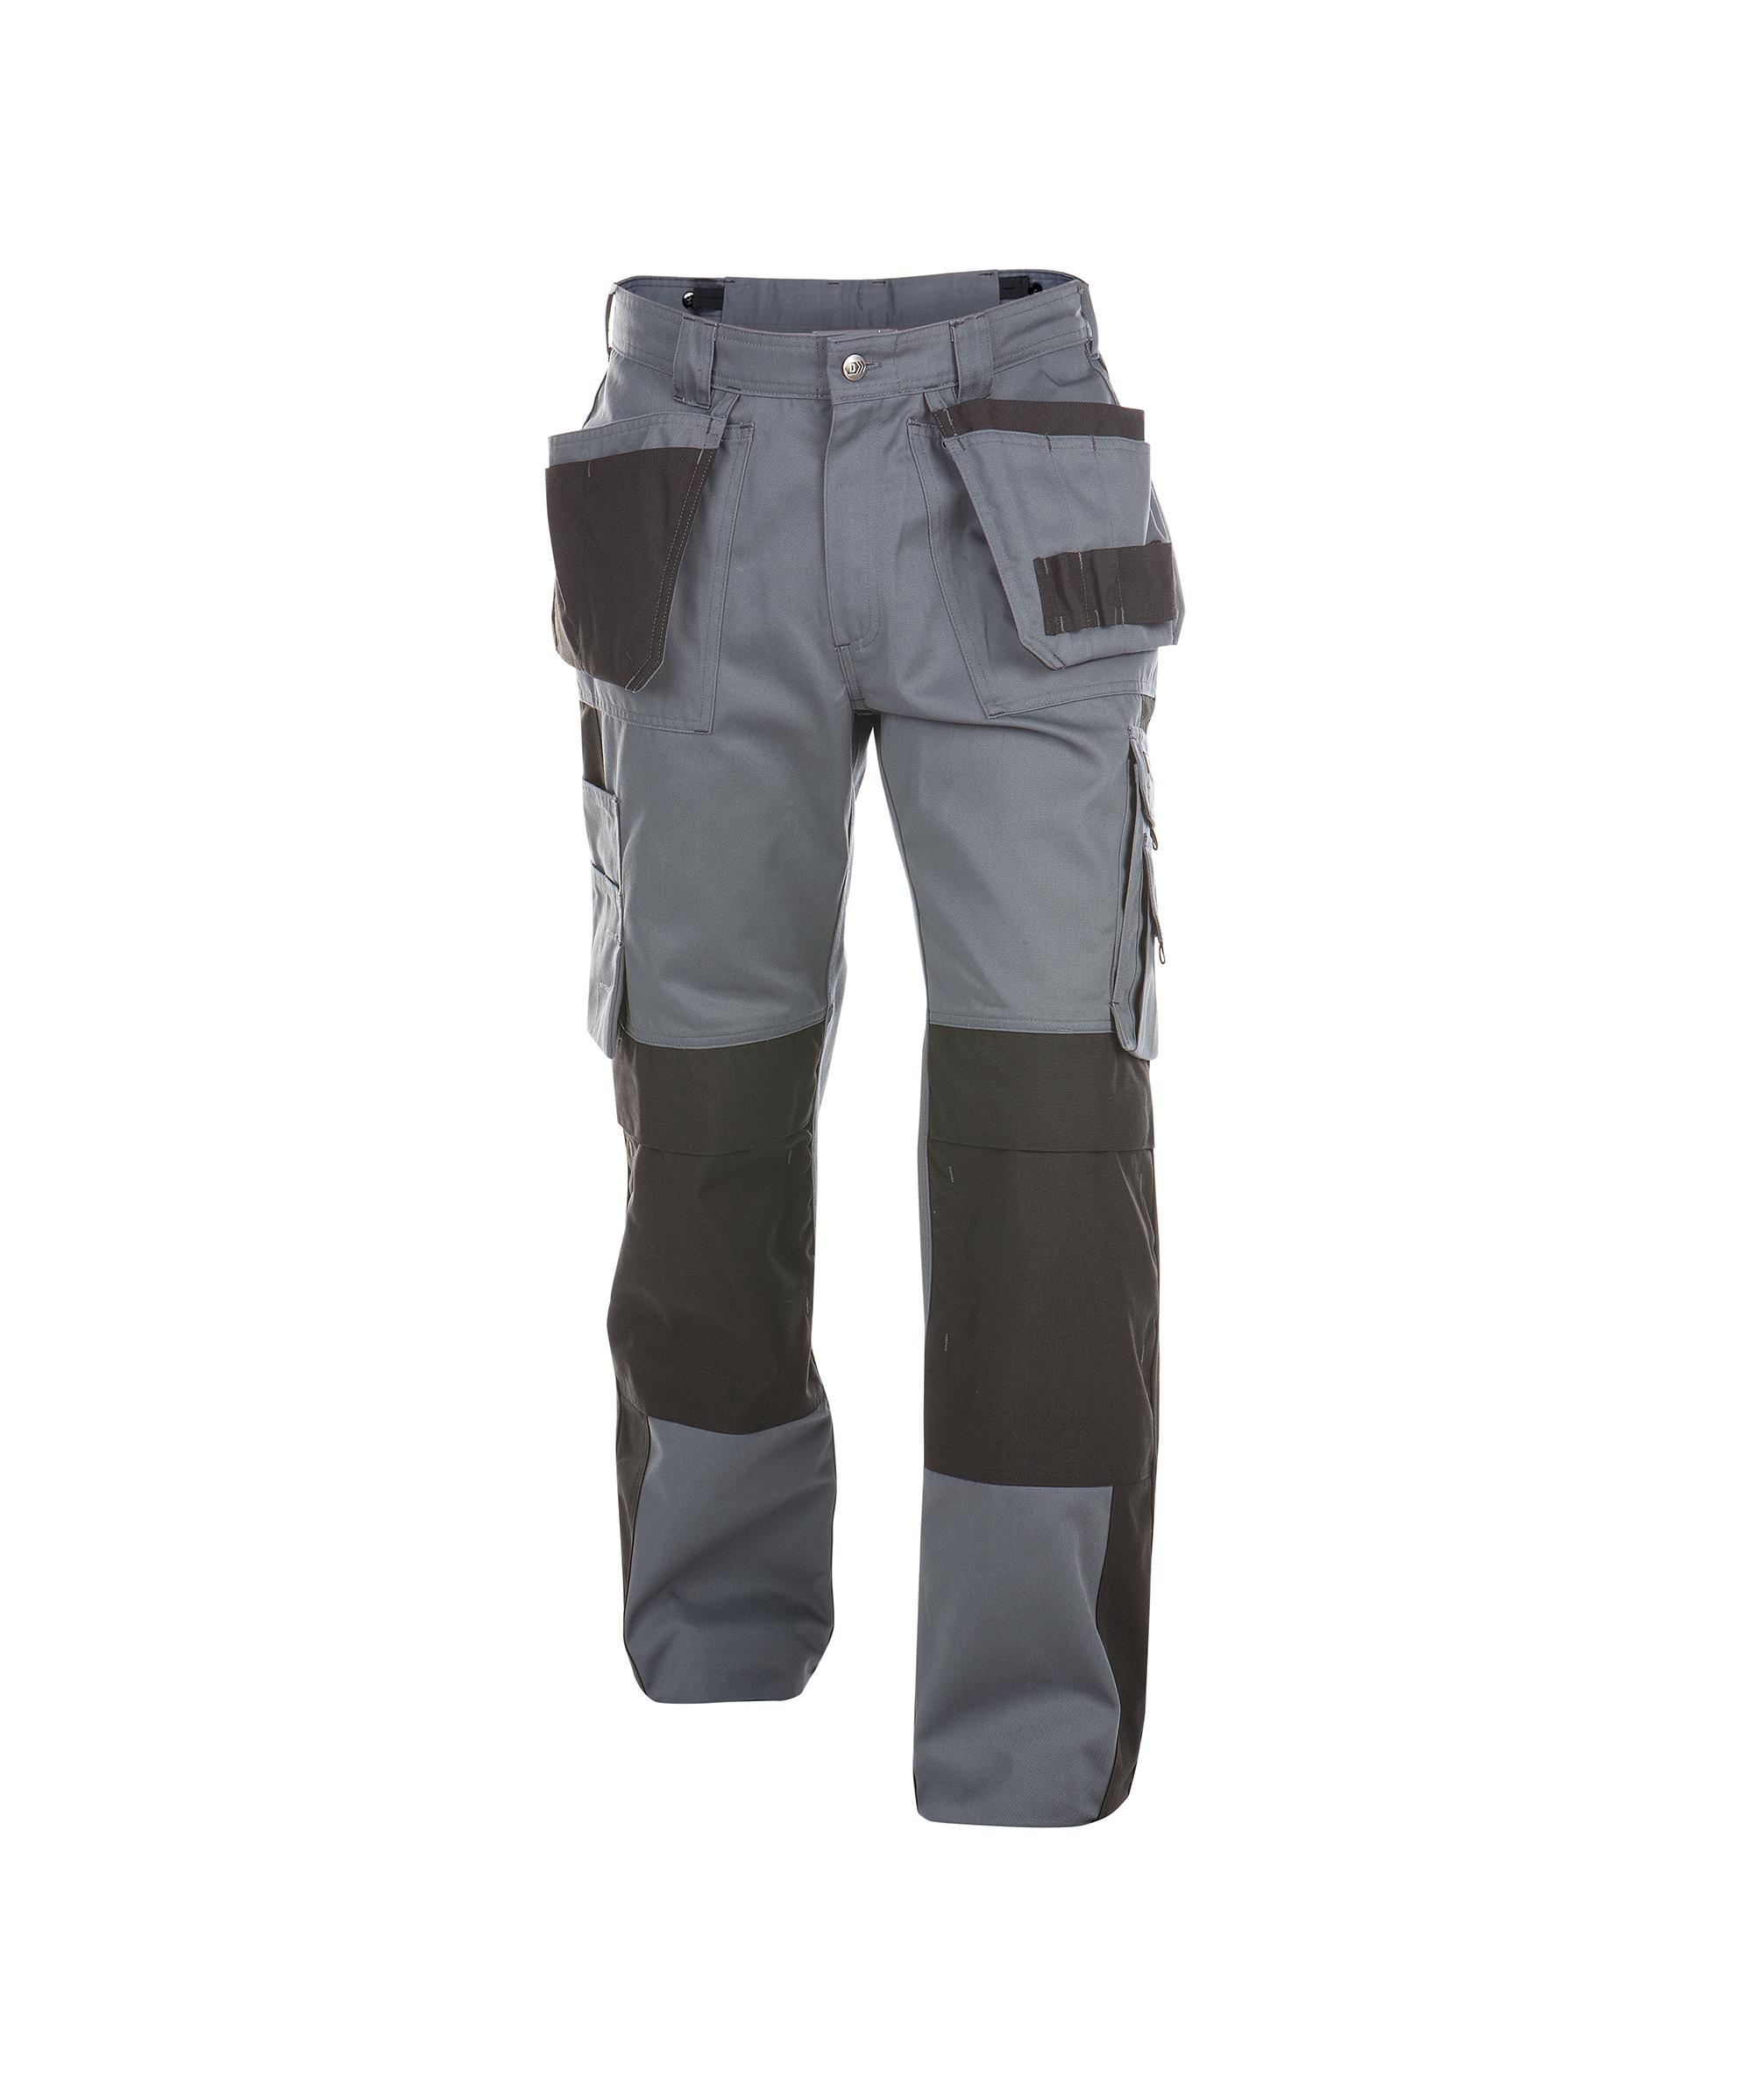 Dassy, Seattle zweifarbige Arbeitshose mit Holster- und Kniepolstertaschen